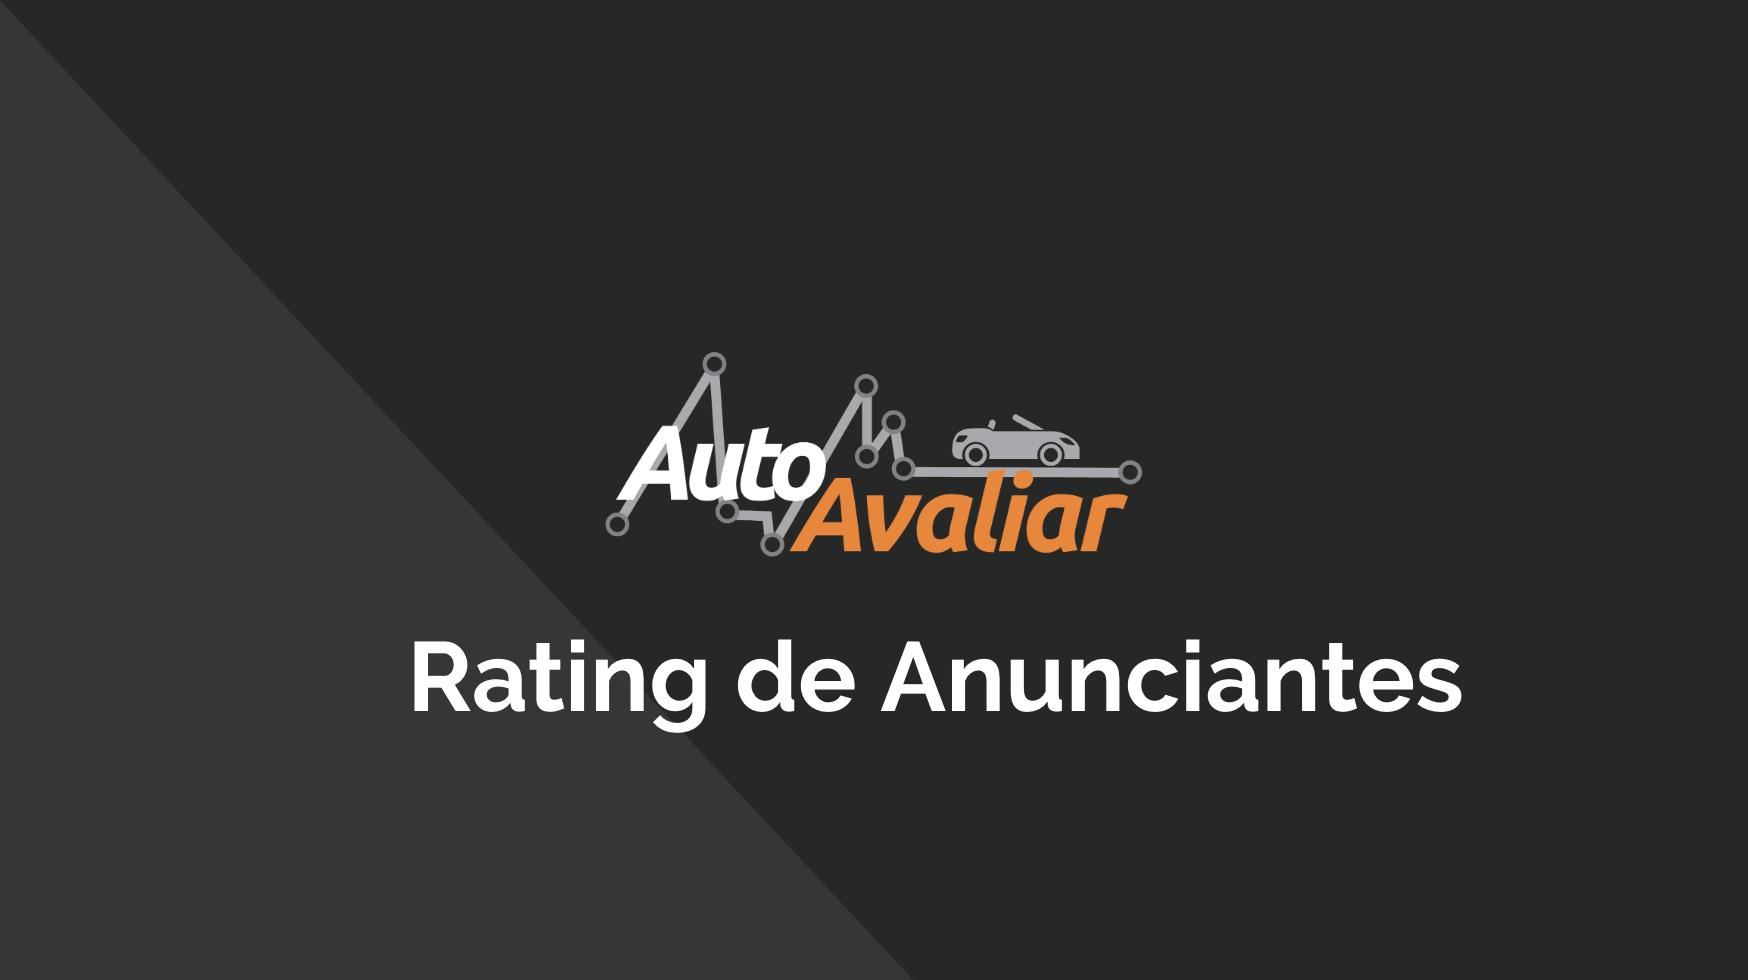 Release: Rating de Anunciantes